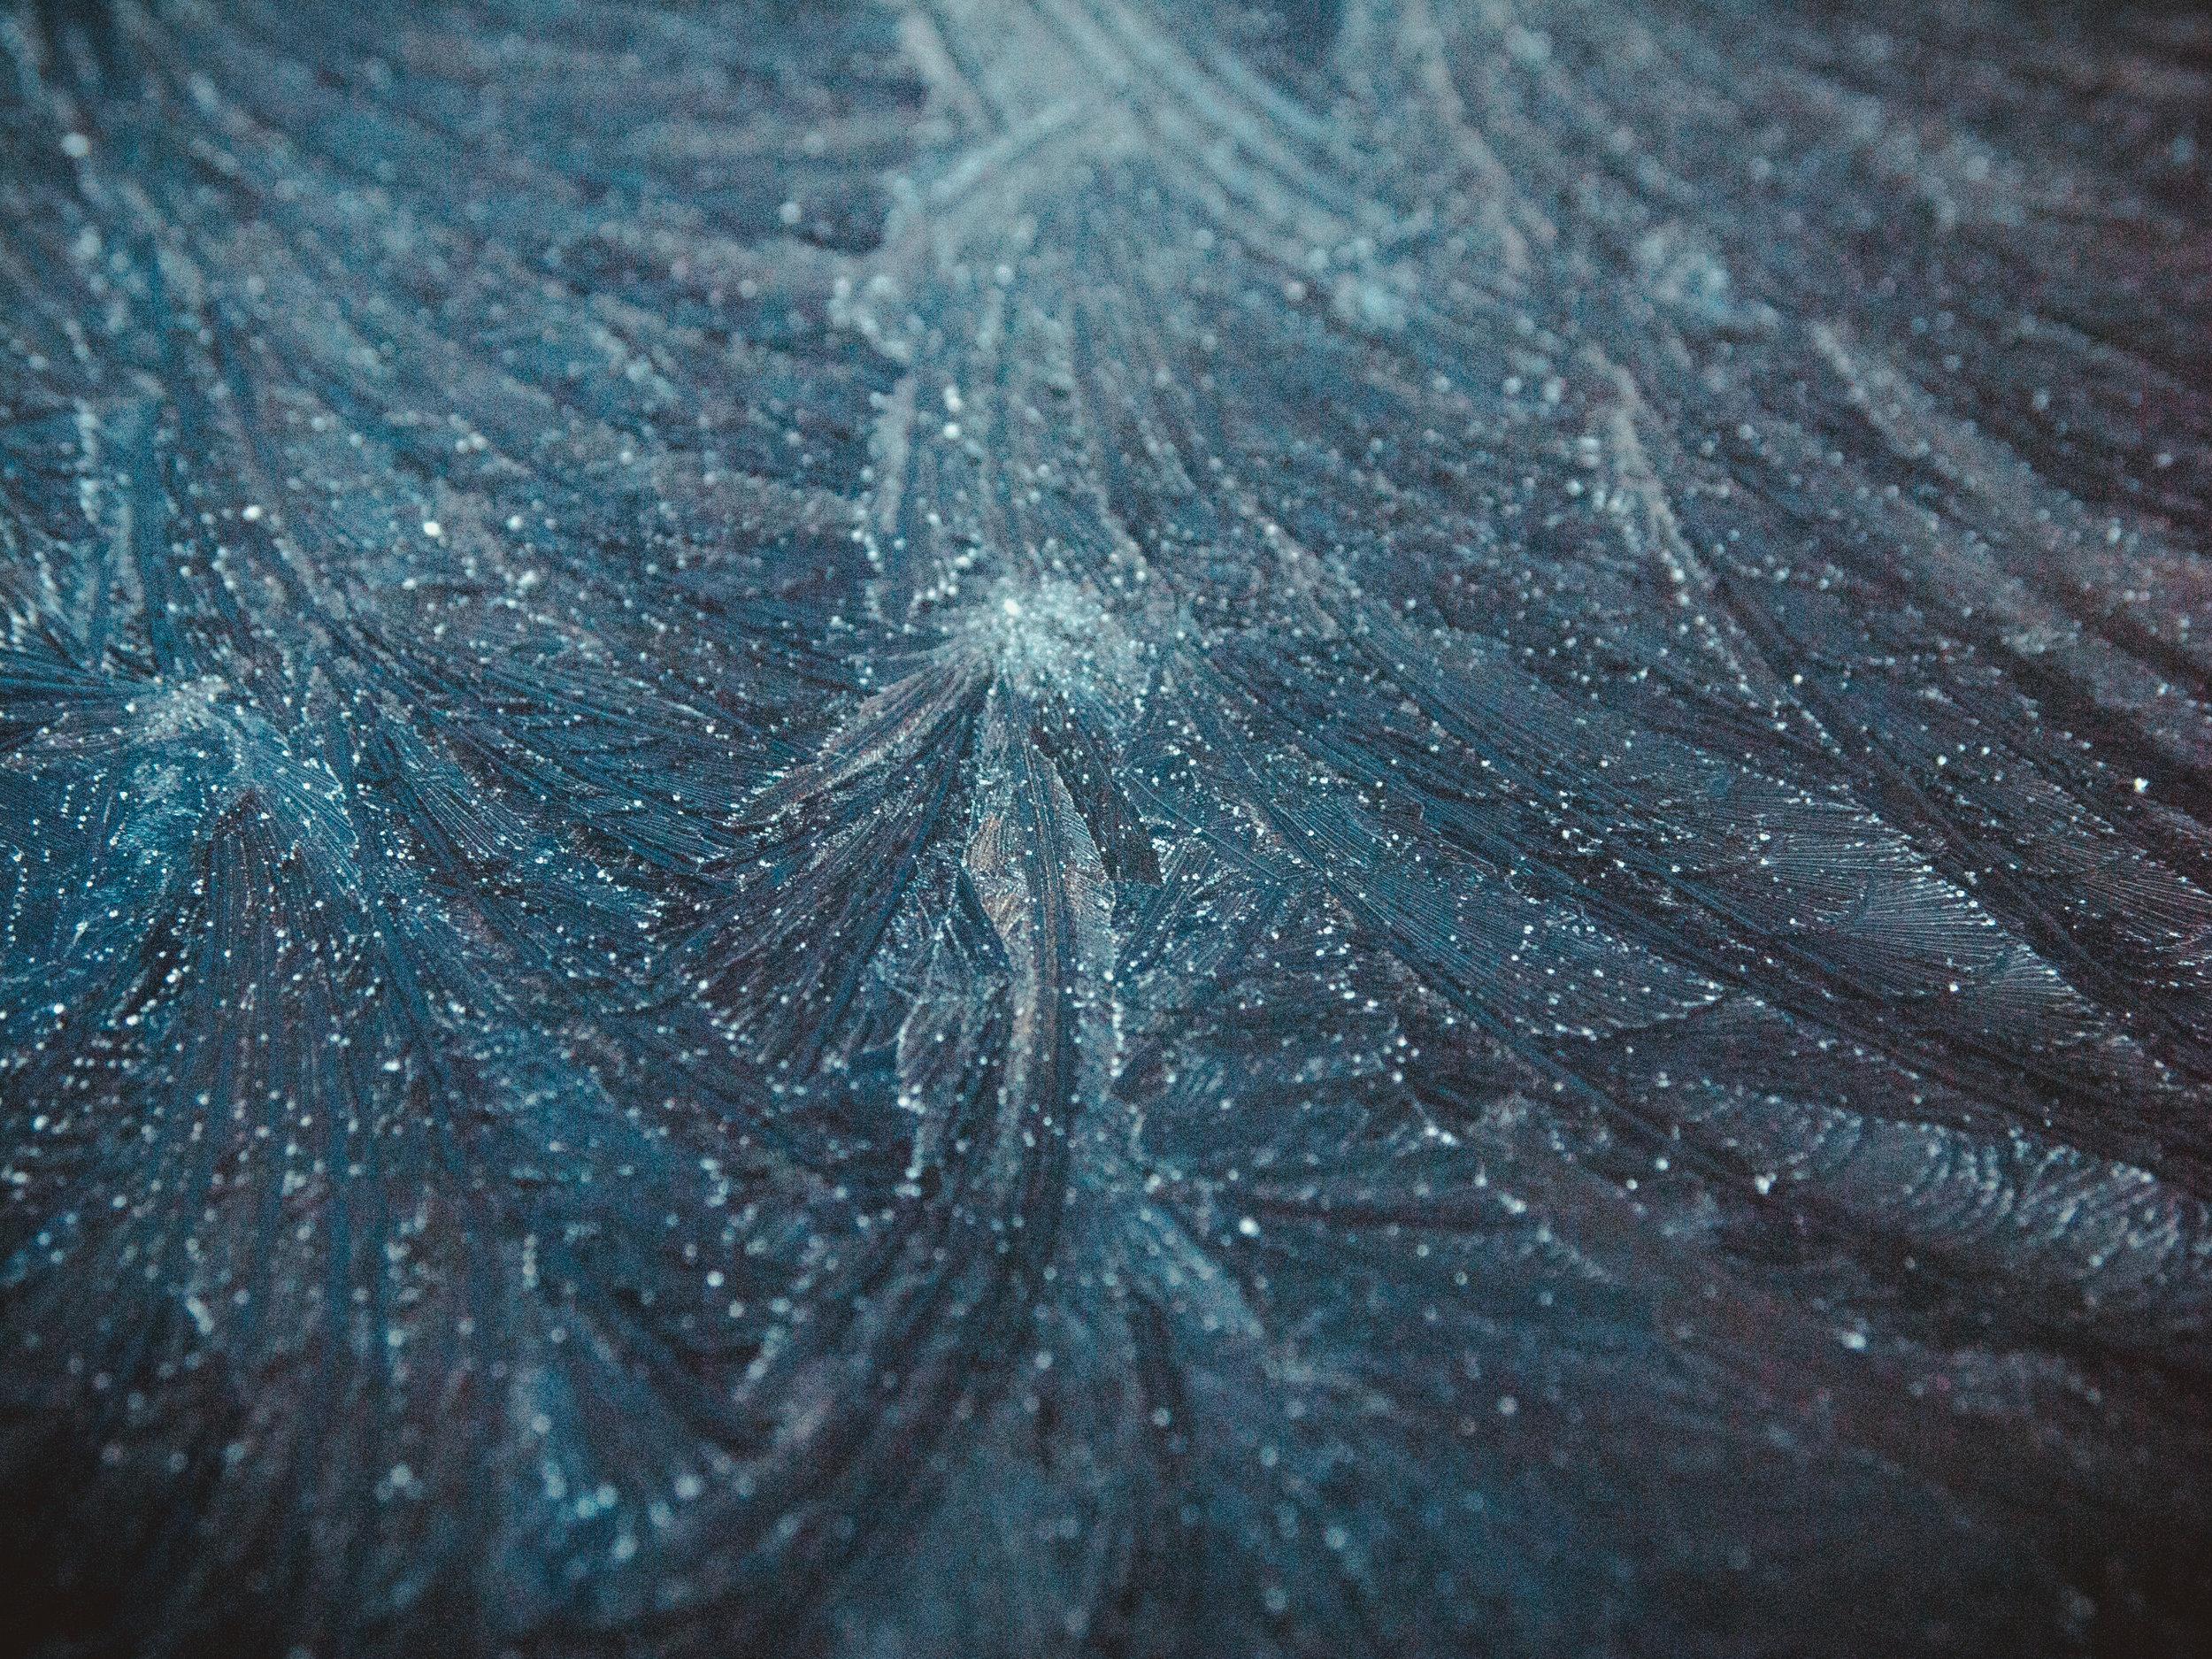 frost-25.jpg